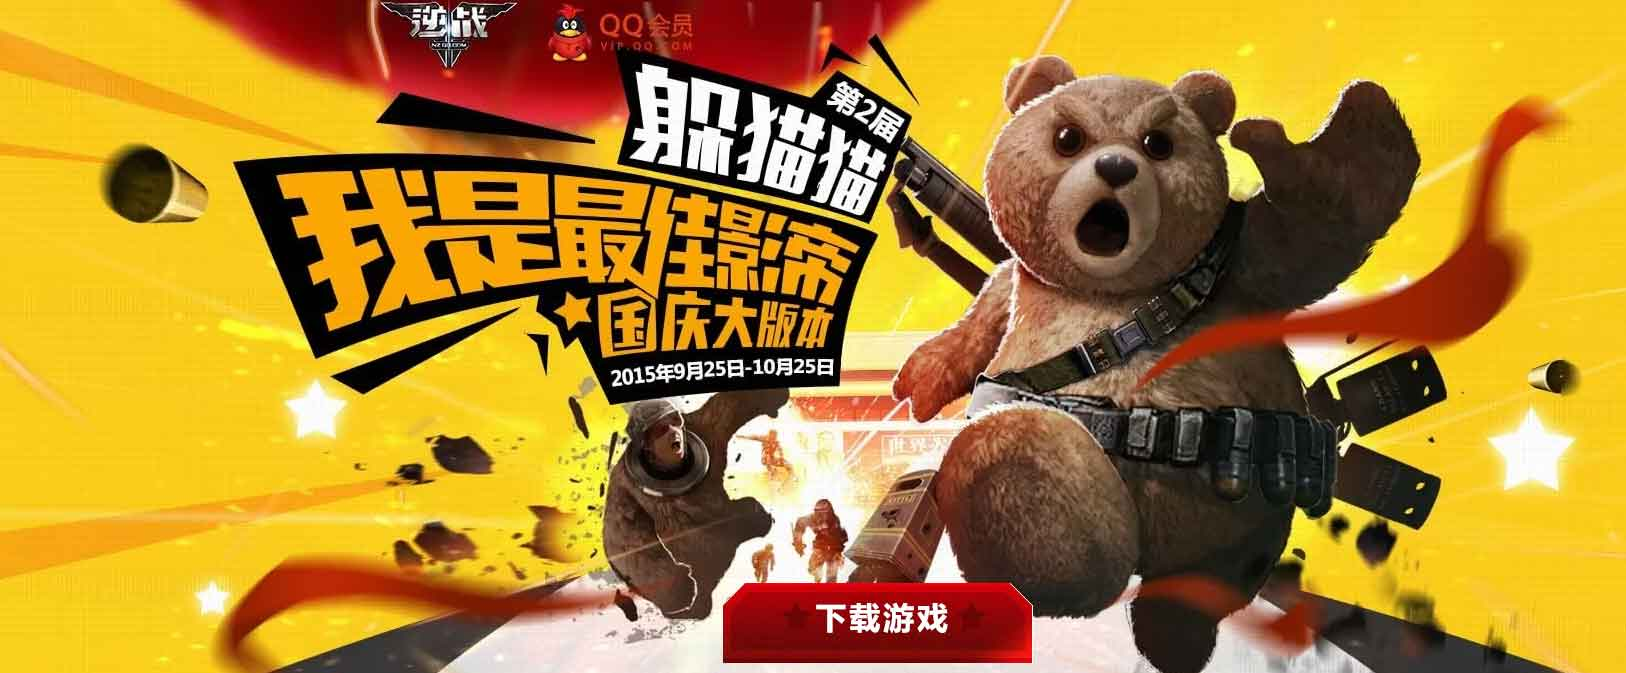 国庆大版本小熊大反攻 躲猫猫我是最佳影帝